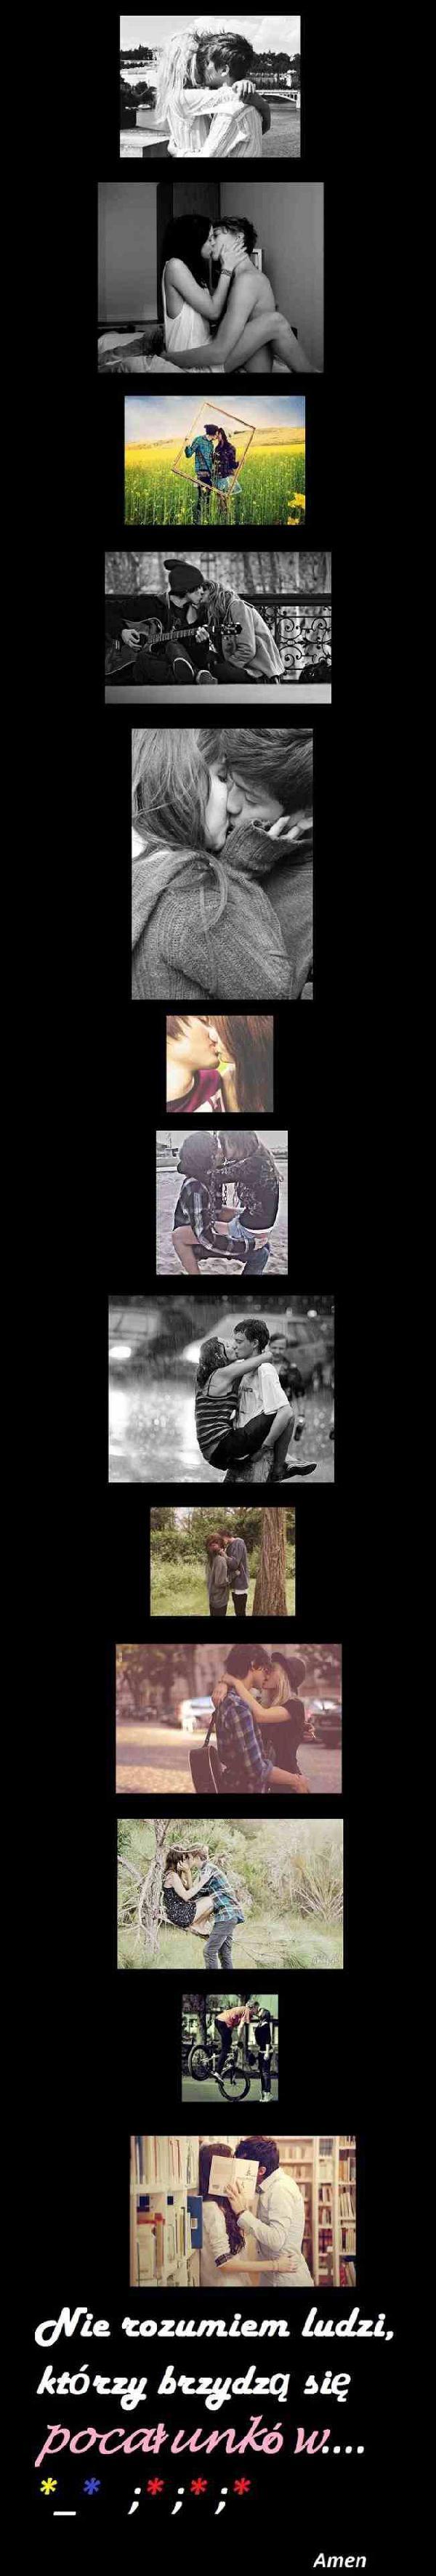 Nie rozumiem ludzi, którzy brzydzą się pocałunków w *_* ;*;*;* Amen